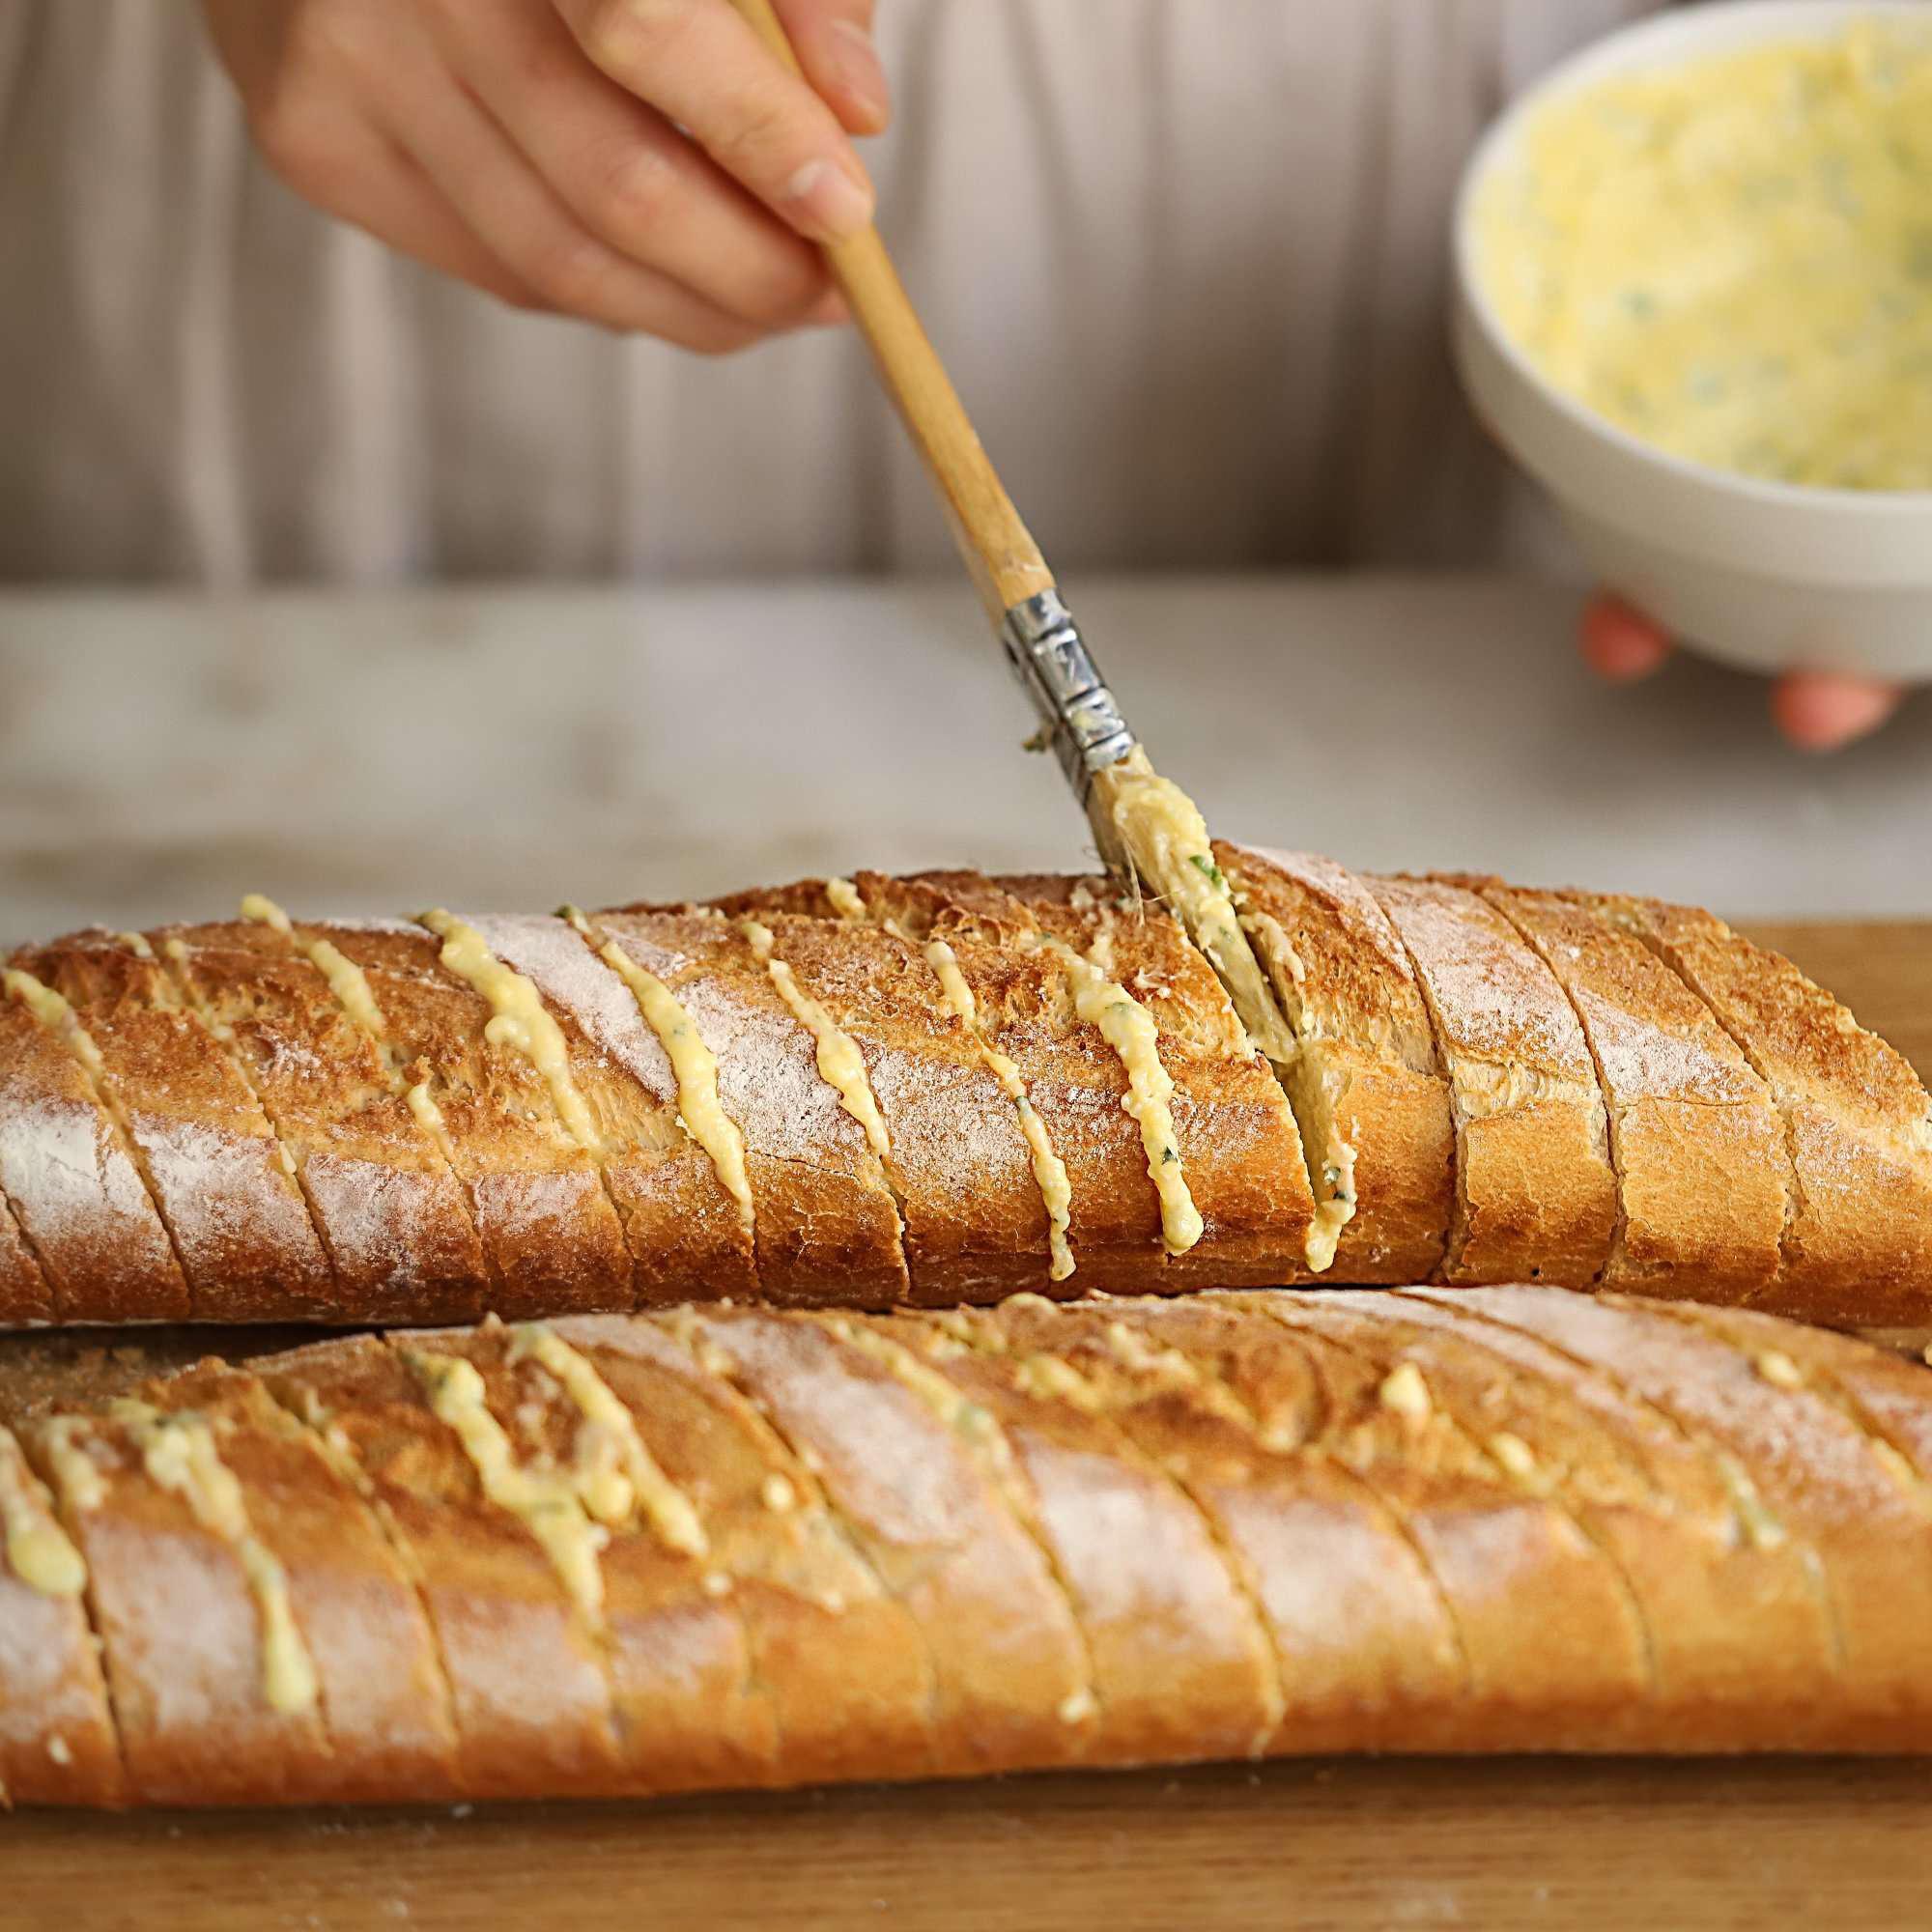 Chỉ 15 phút tôi chuẩn bị được món bánh mì nướng thơm ngon nhức nhối cho cả nhà ăn sáng! - Ảnh 4.